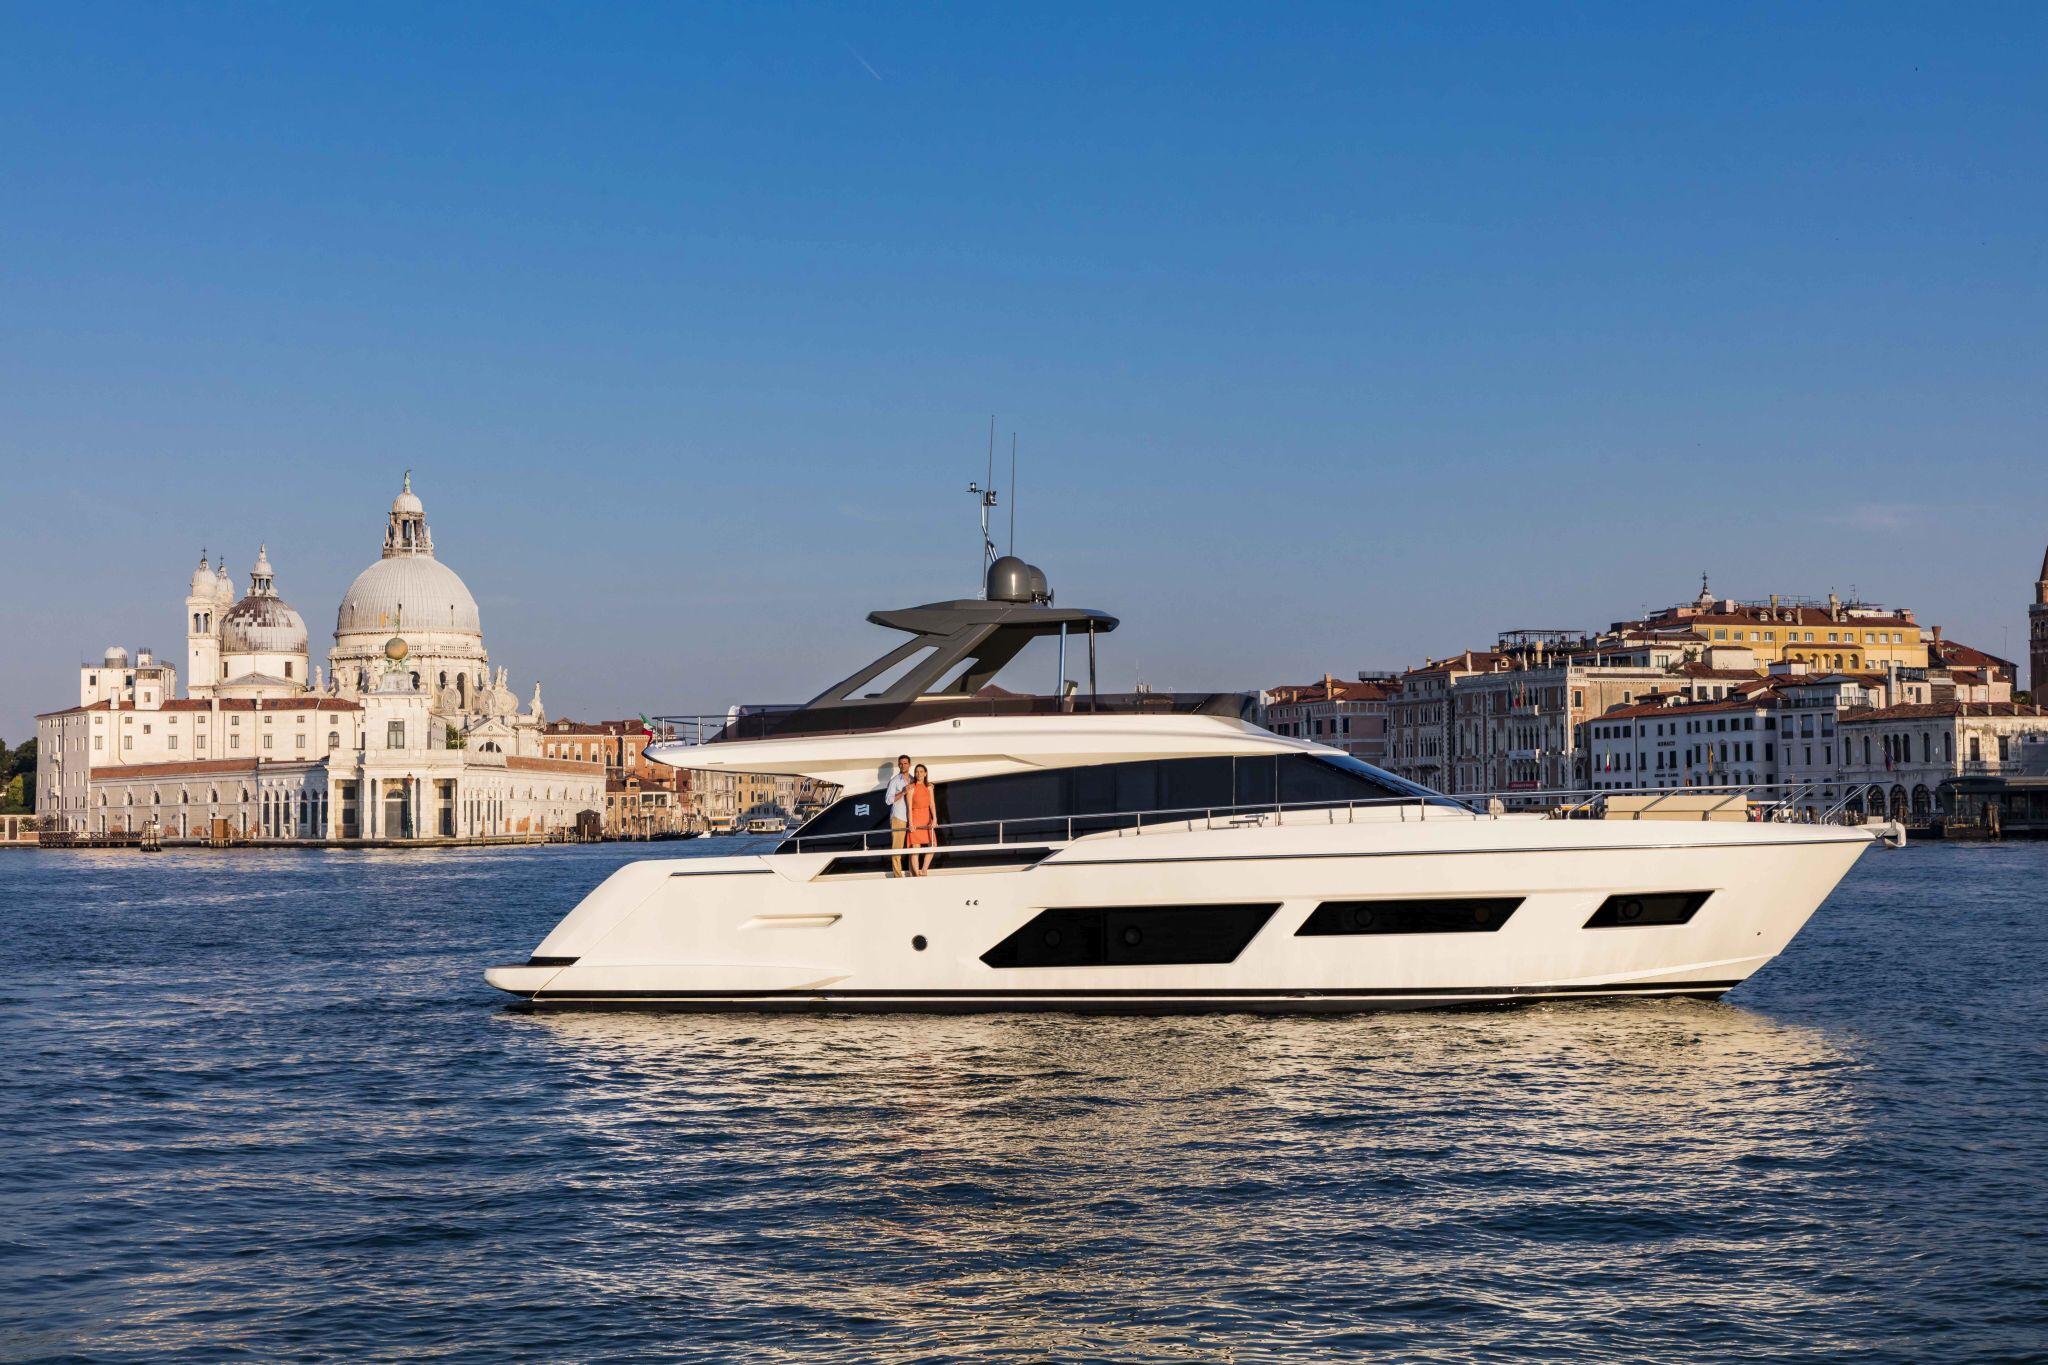 ferretti-yachts-670-new-1-presentation